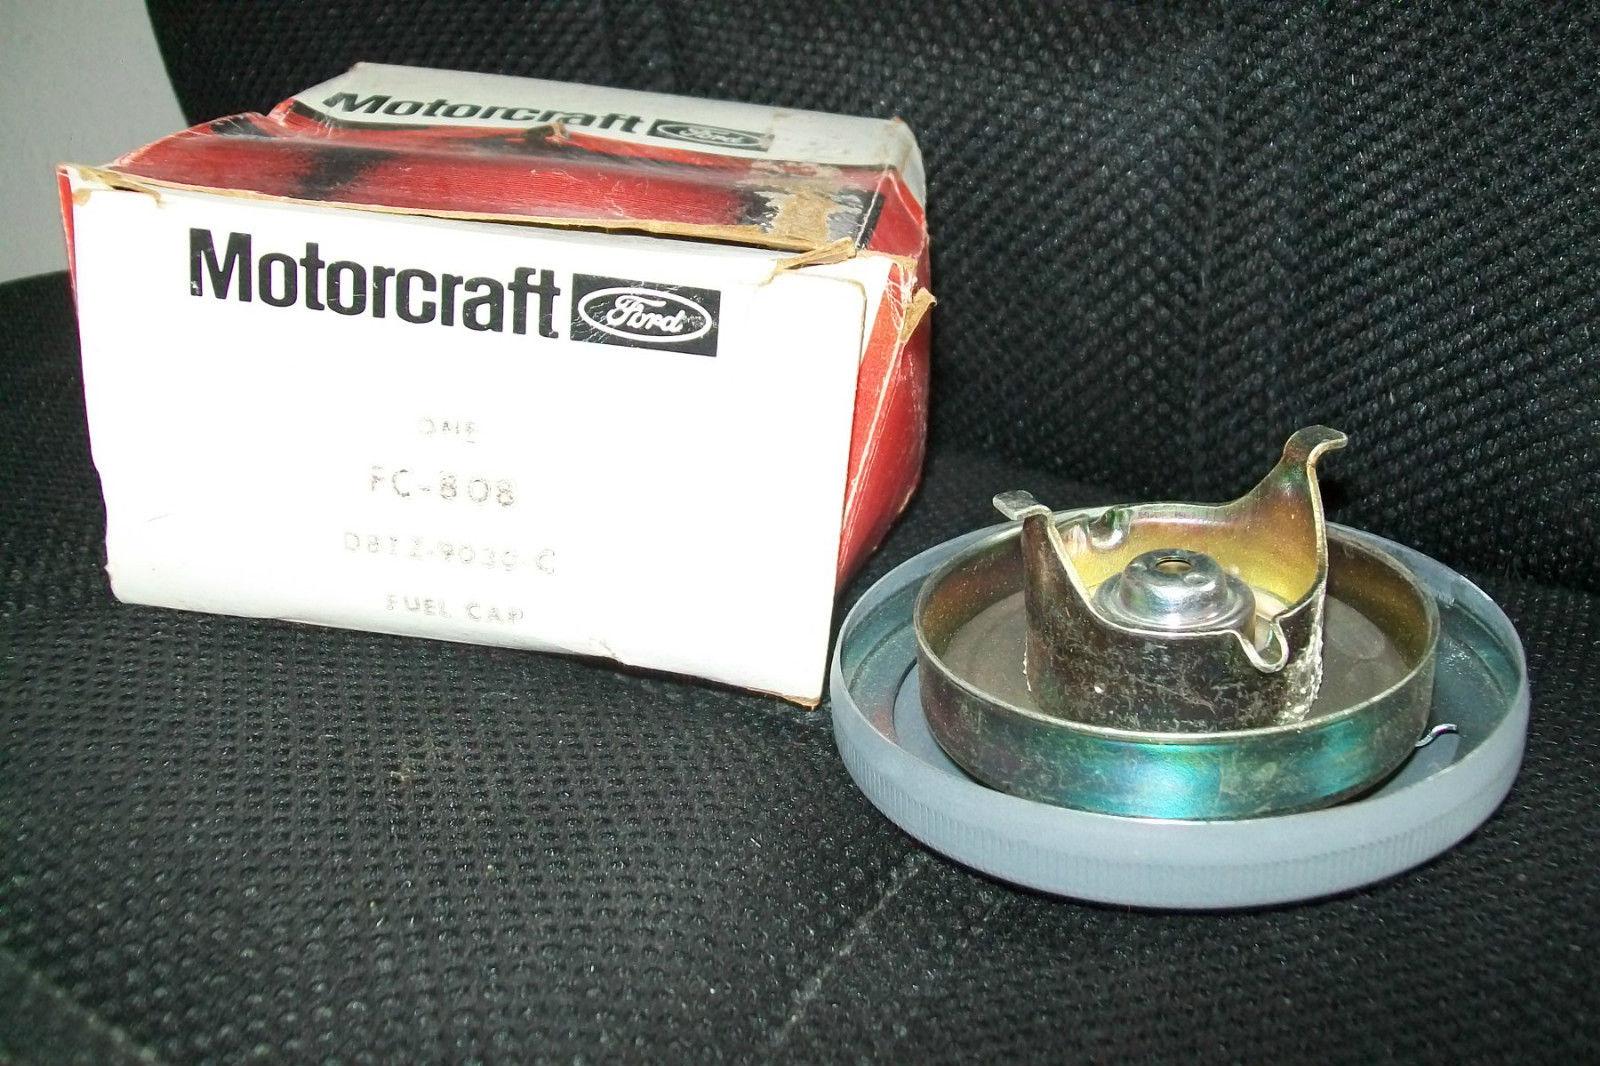 Motorcraft FC-1069 Non-locking Fuel Filler Cap